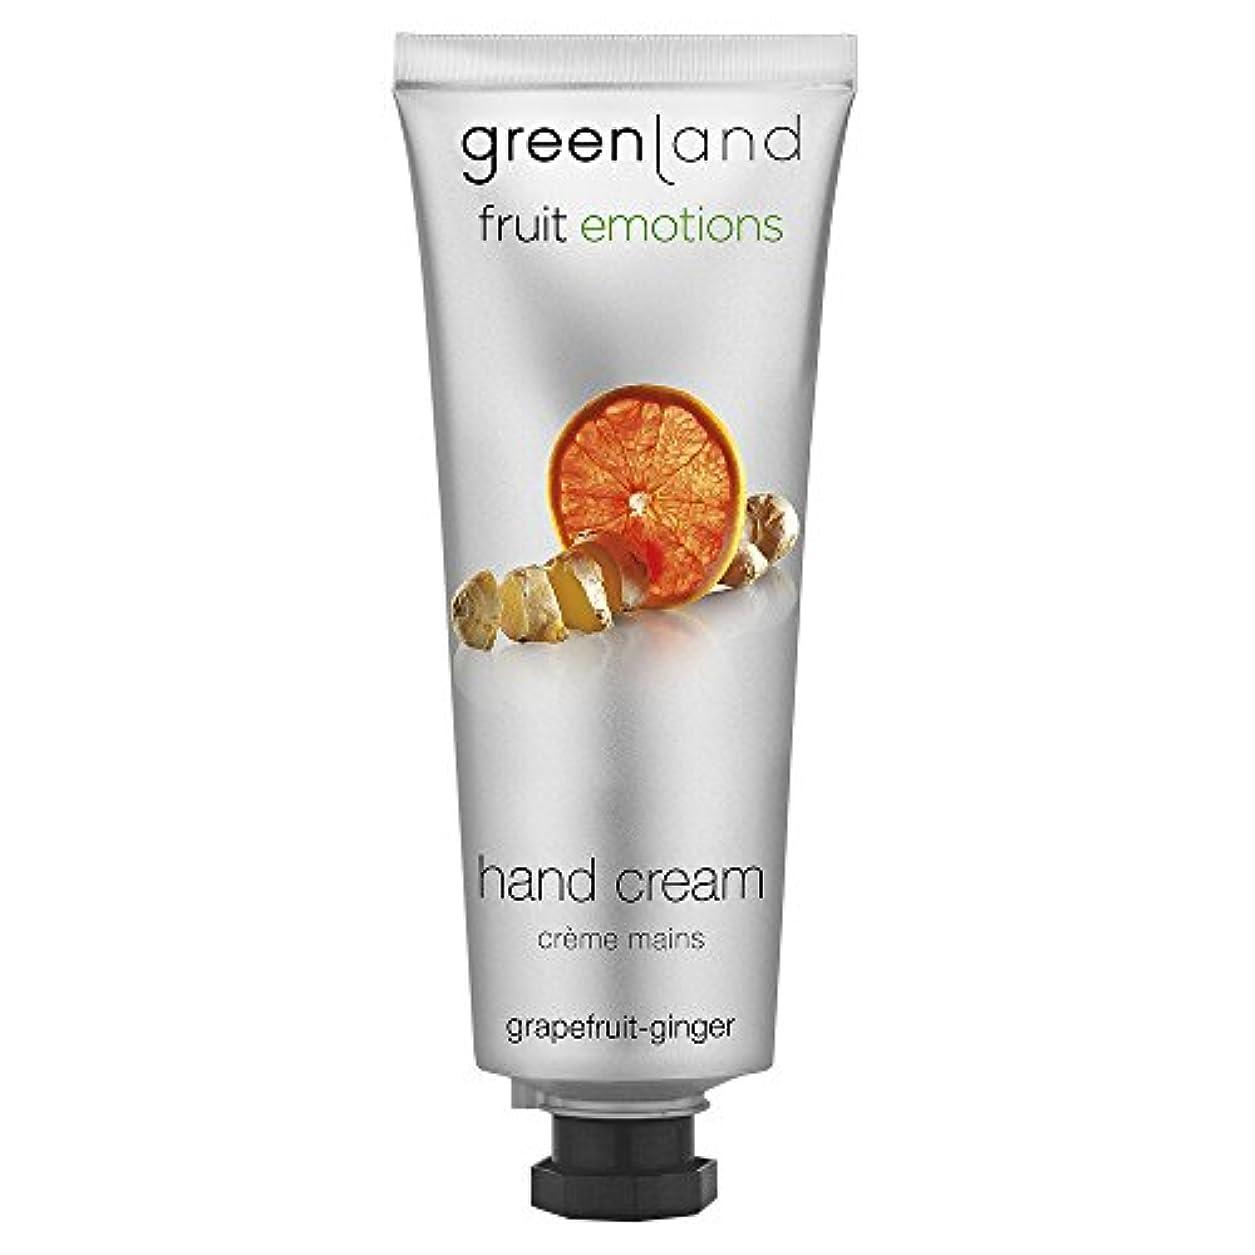 スタジオ象エスニックgreenland [FruitEmotions] ハンドクリーム 75ml グレープフルーツ&ジンジャー FE0535